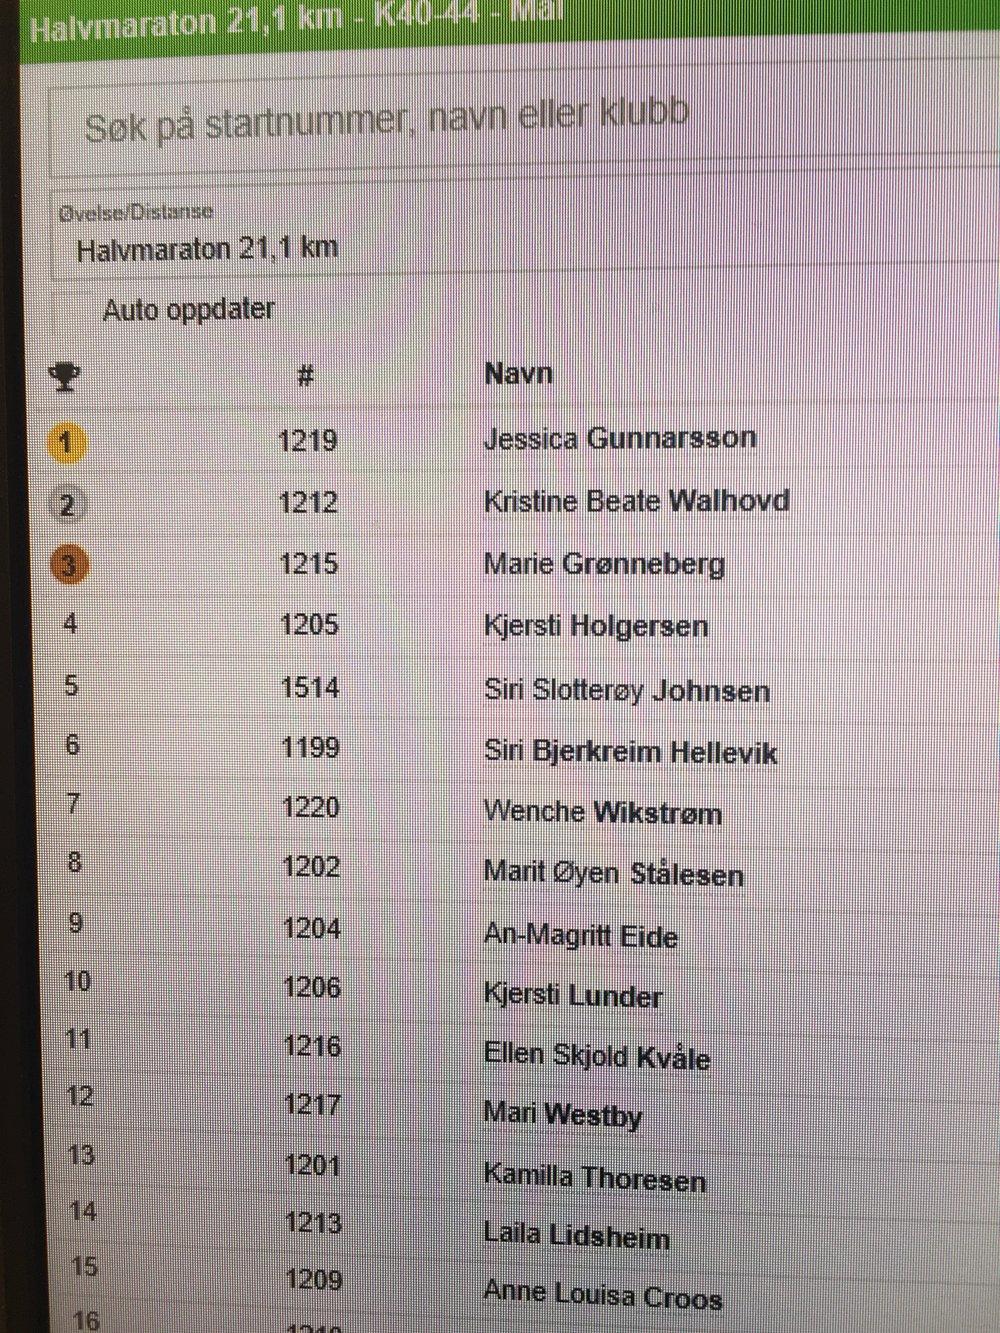 Bra melding fra resultatliste: 5 plass i klassen ;-)